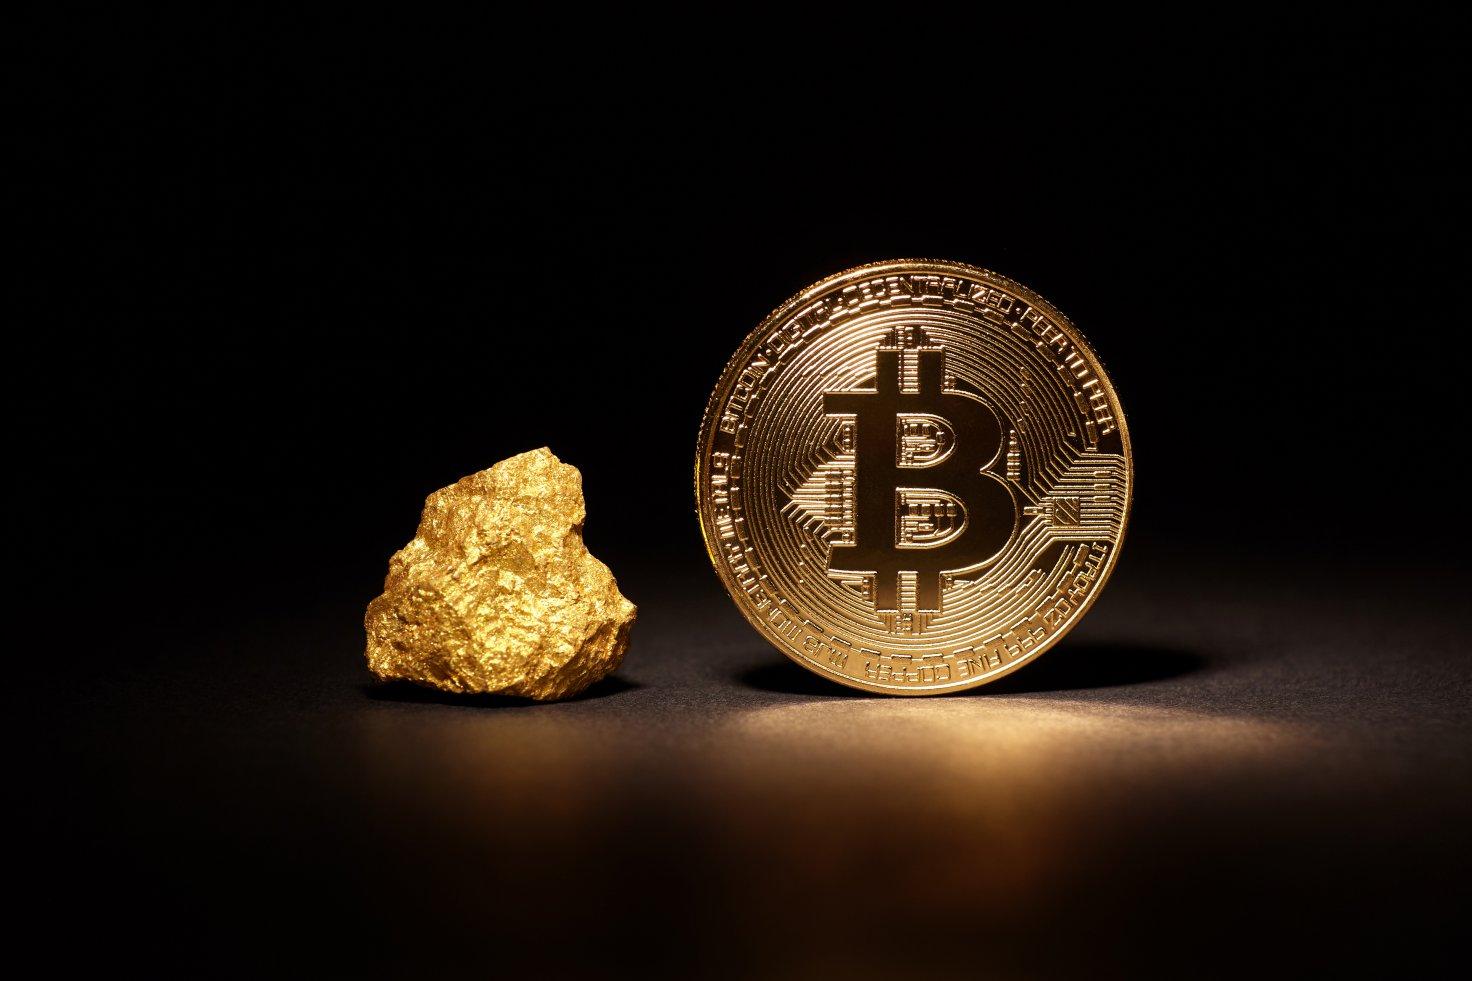 طلا در حال تعقیب یک پیشگویی جدید است| نبرد طلا و بیت کوین برای مقابله با تورم انتظاری در جهان